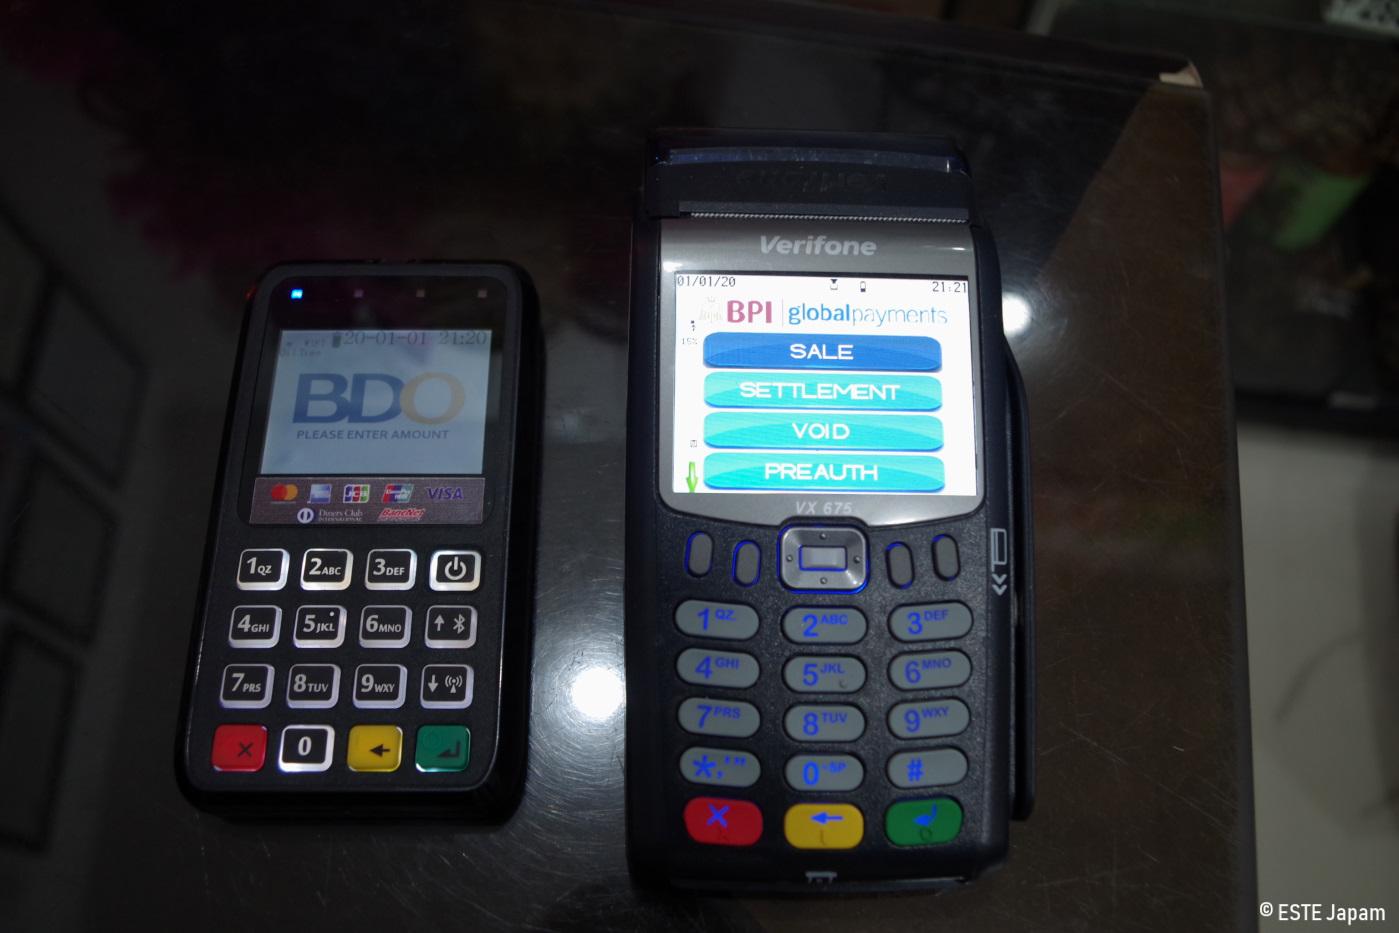 オイルツリーの両替所にあるクレジットカードリーダー